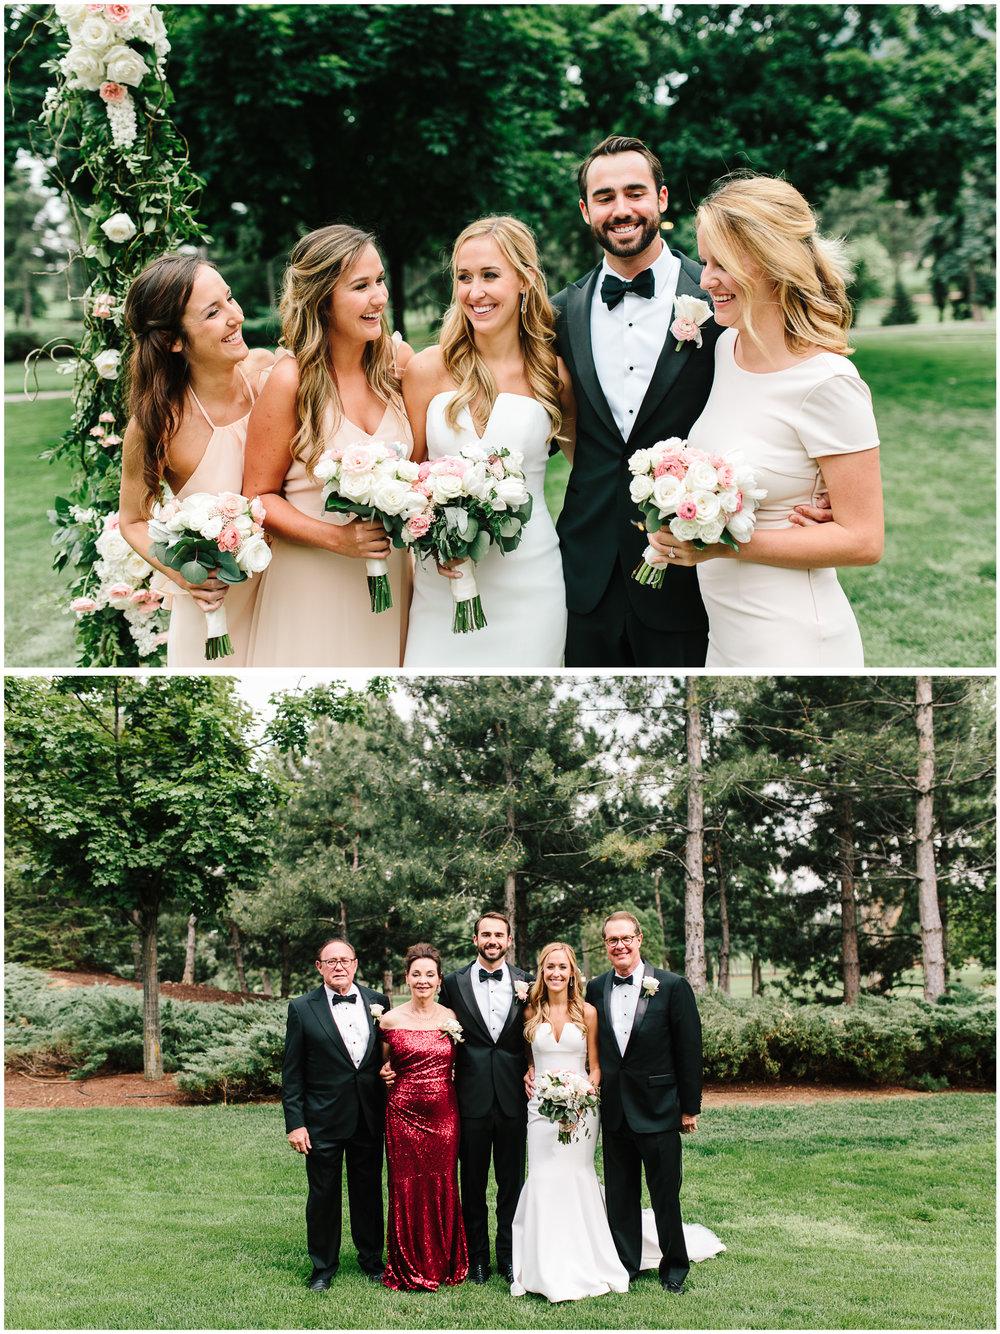 broadmoor_wedding_41a.jpg